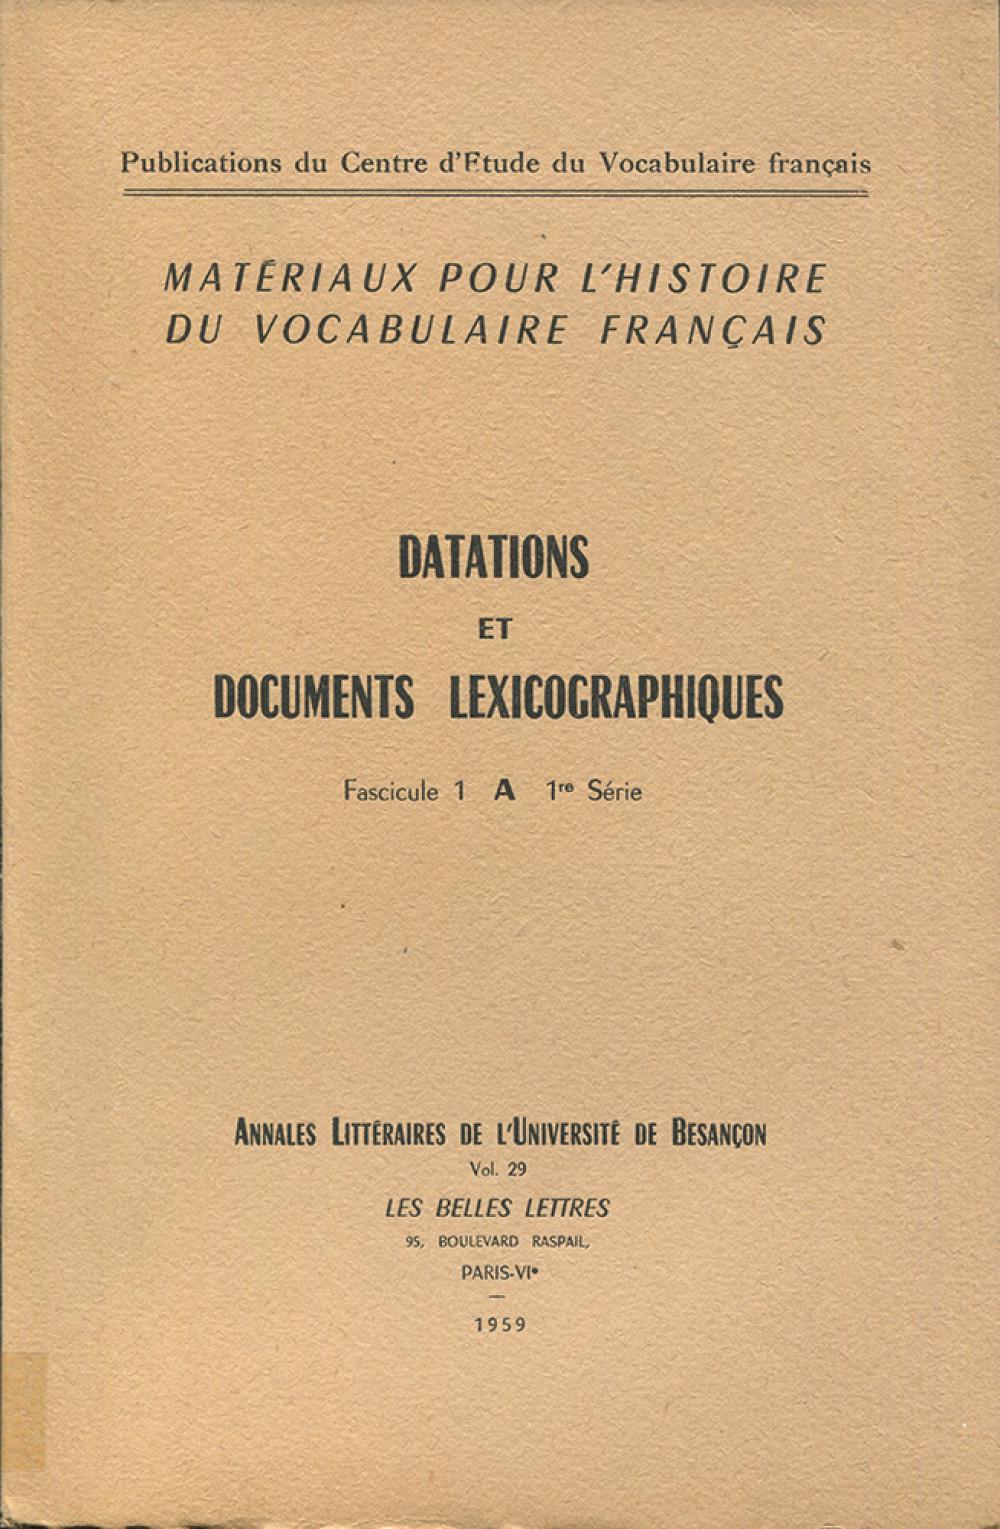 Matériaux pour l'histoire du vocabulaire français I